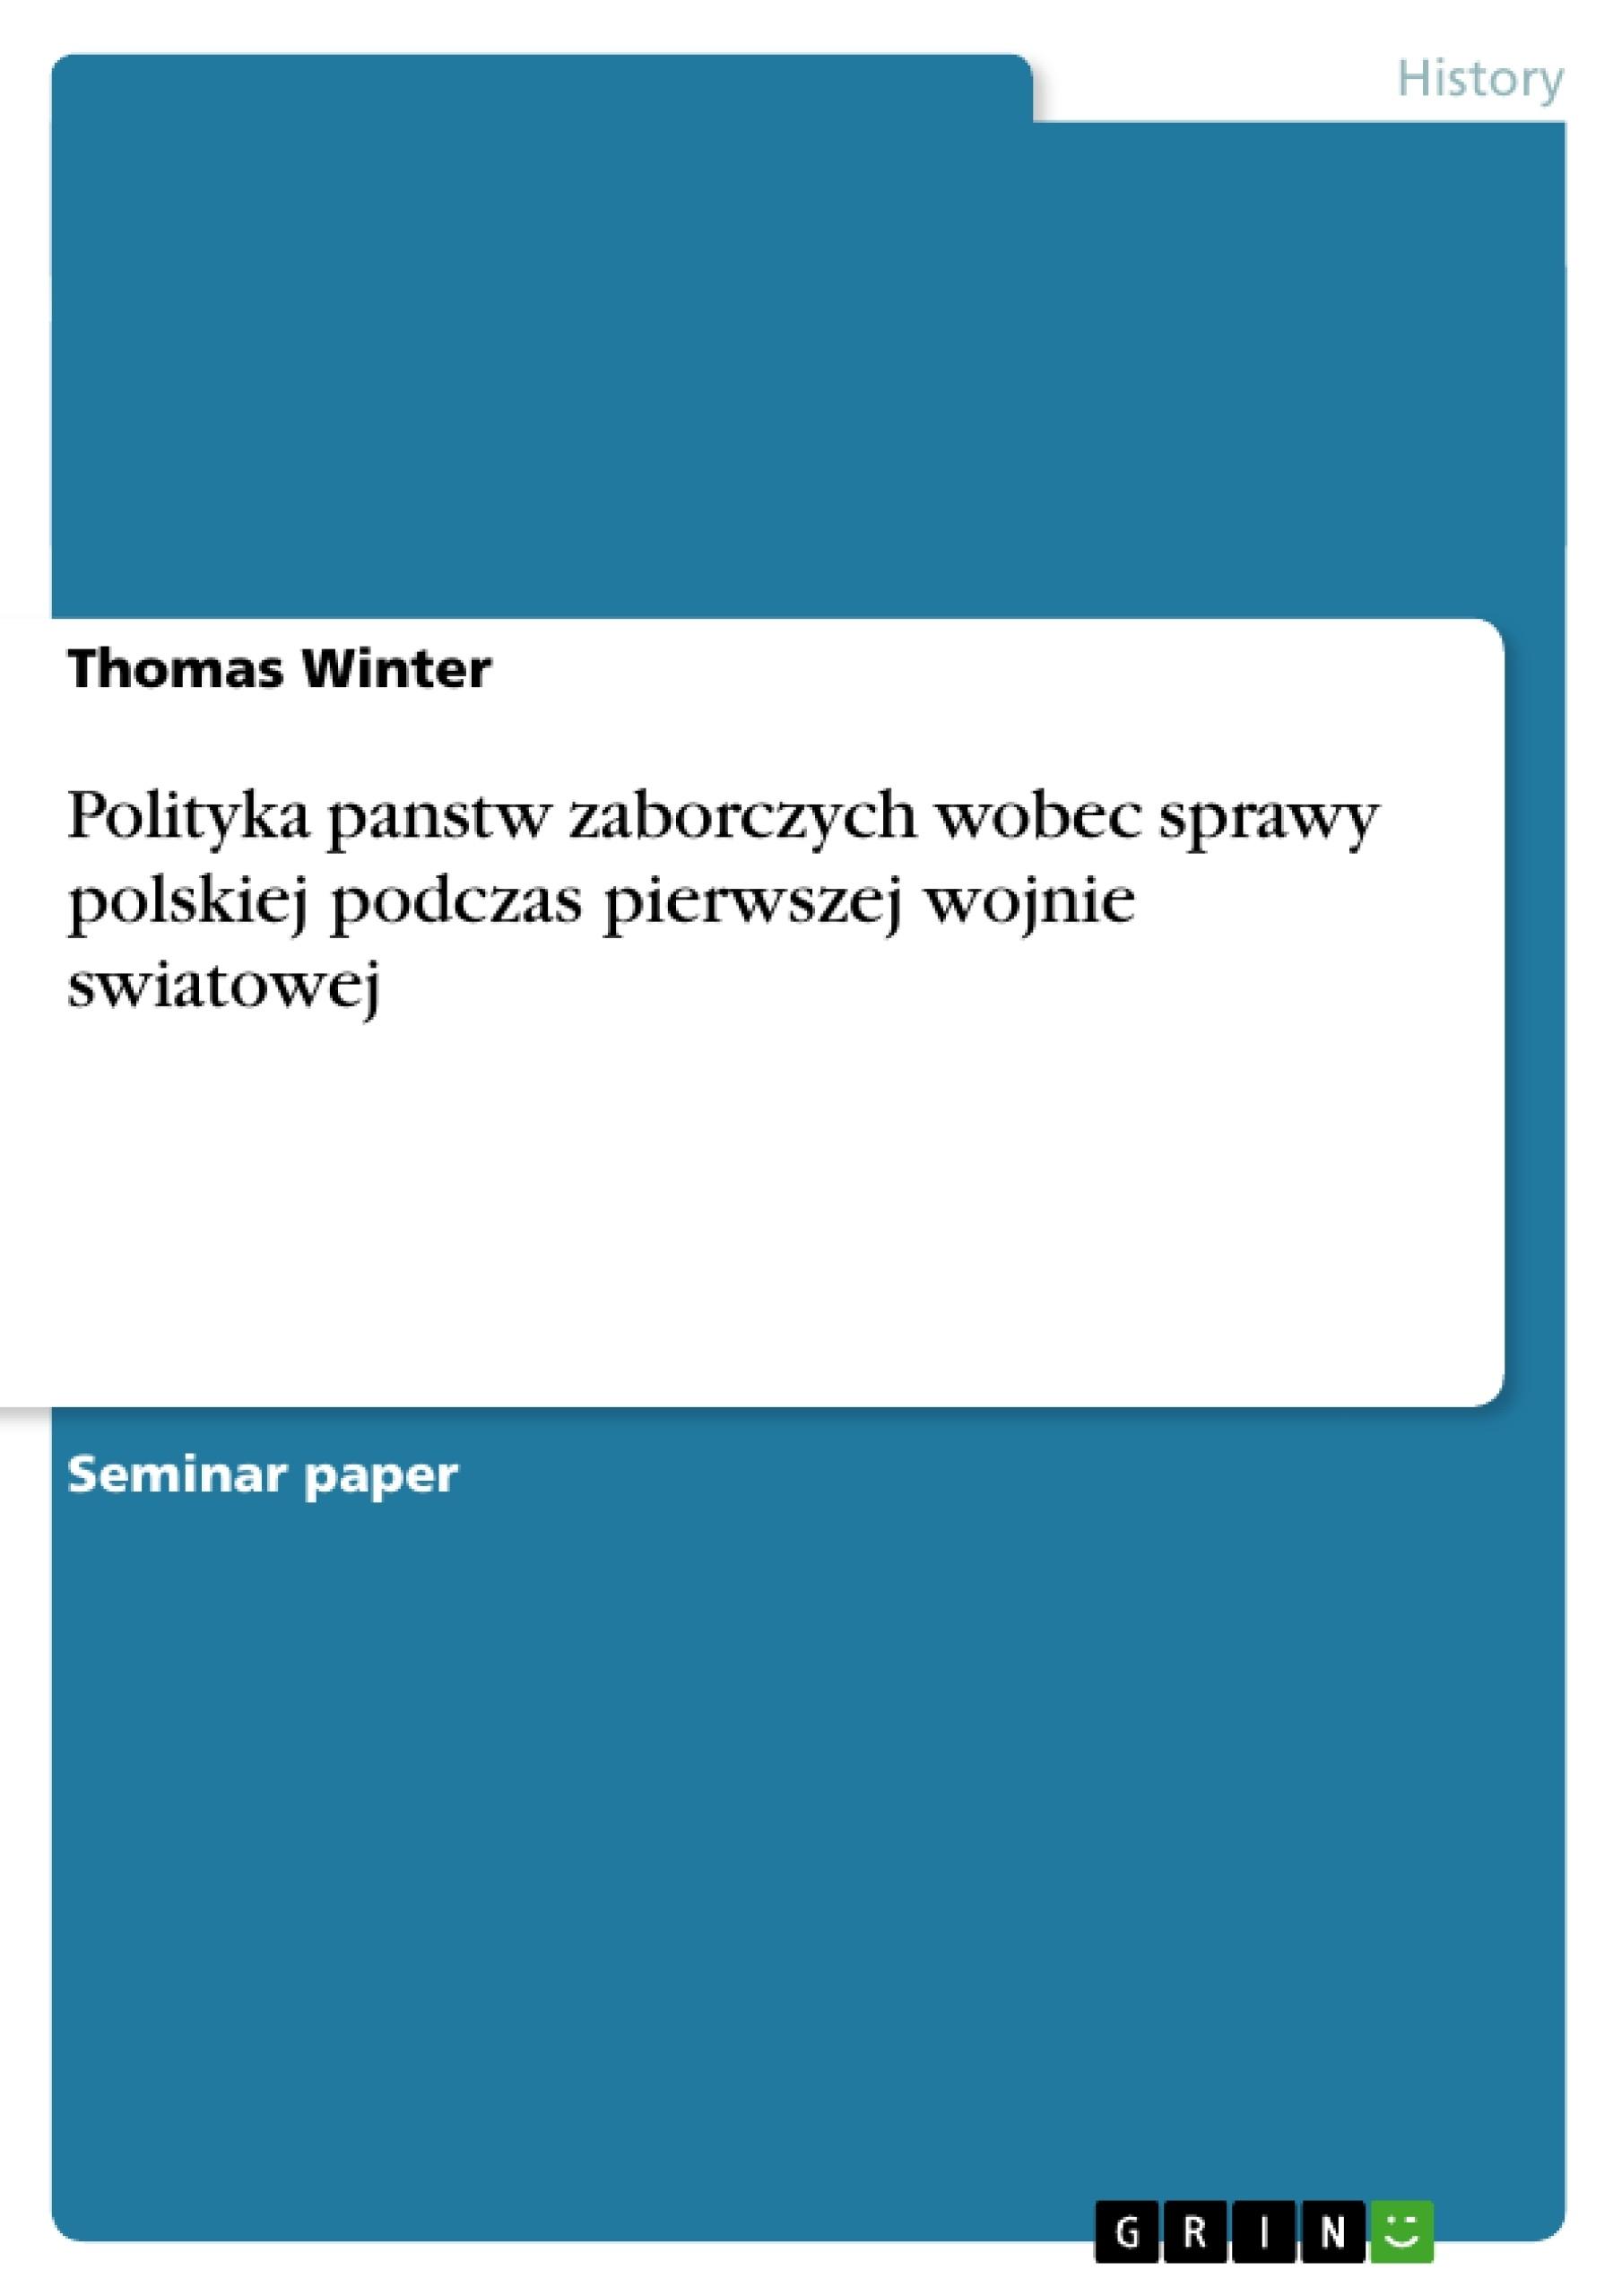 Title: Polityka panstw zaborczych wobec sprawy polskiej podczas pierwszej wojnie swiatowej